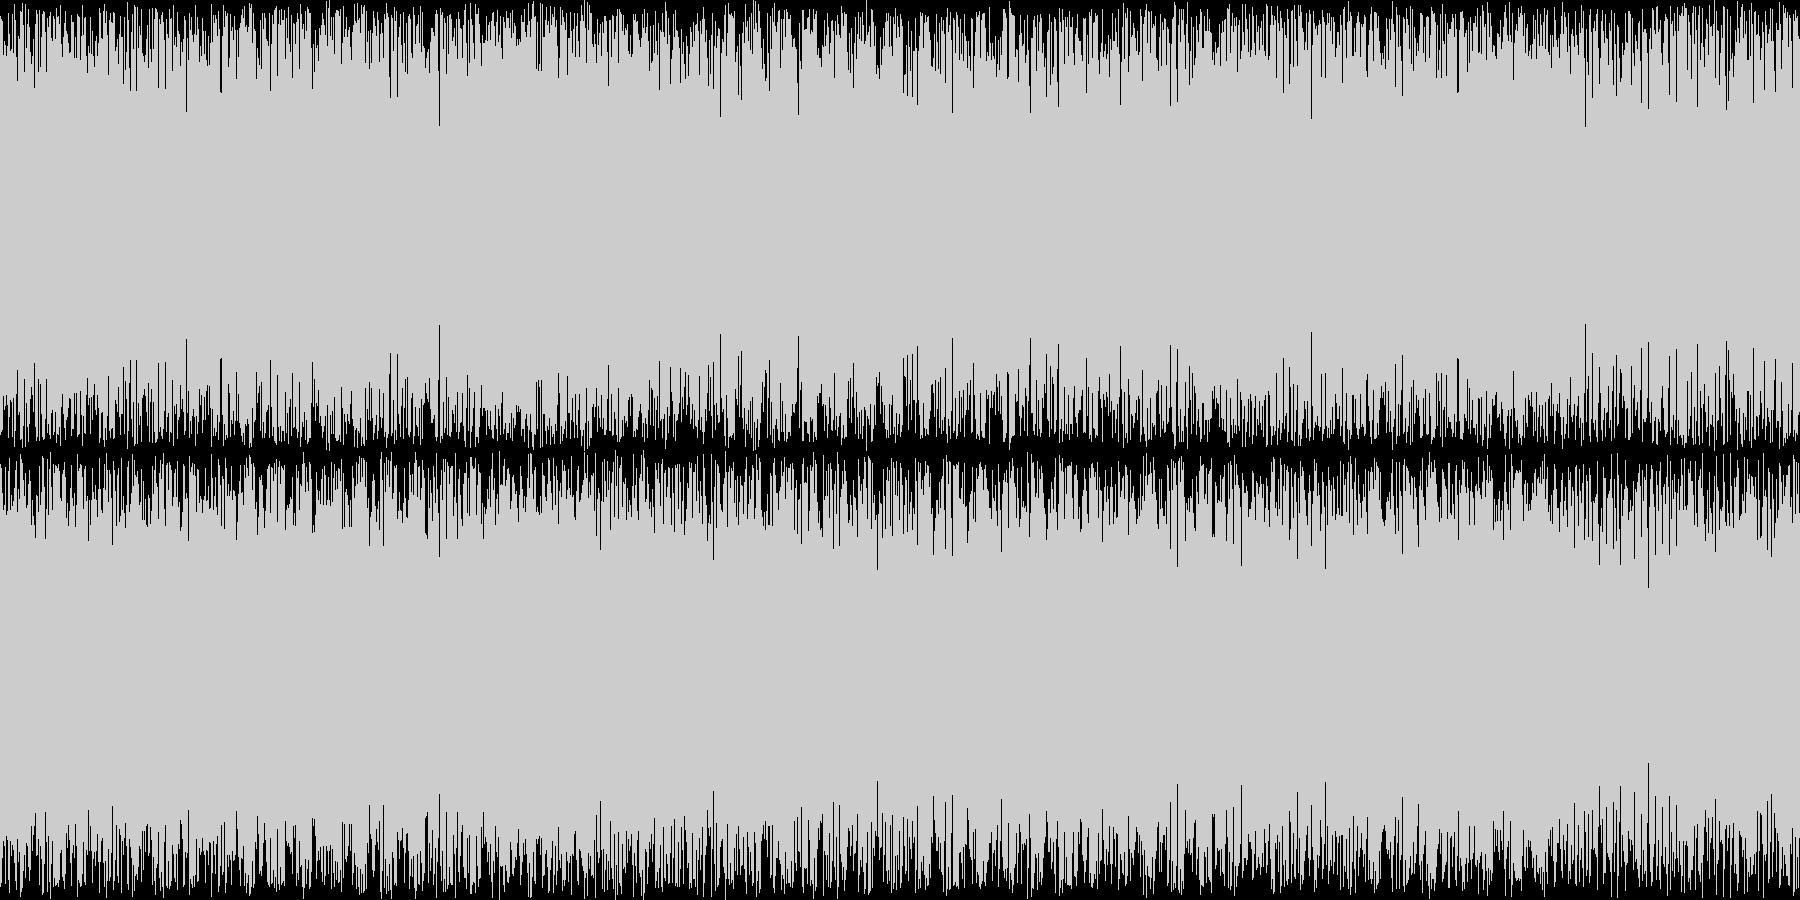 重厚なオーケストラBGM。敵からの逃走…の未再生の波形